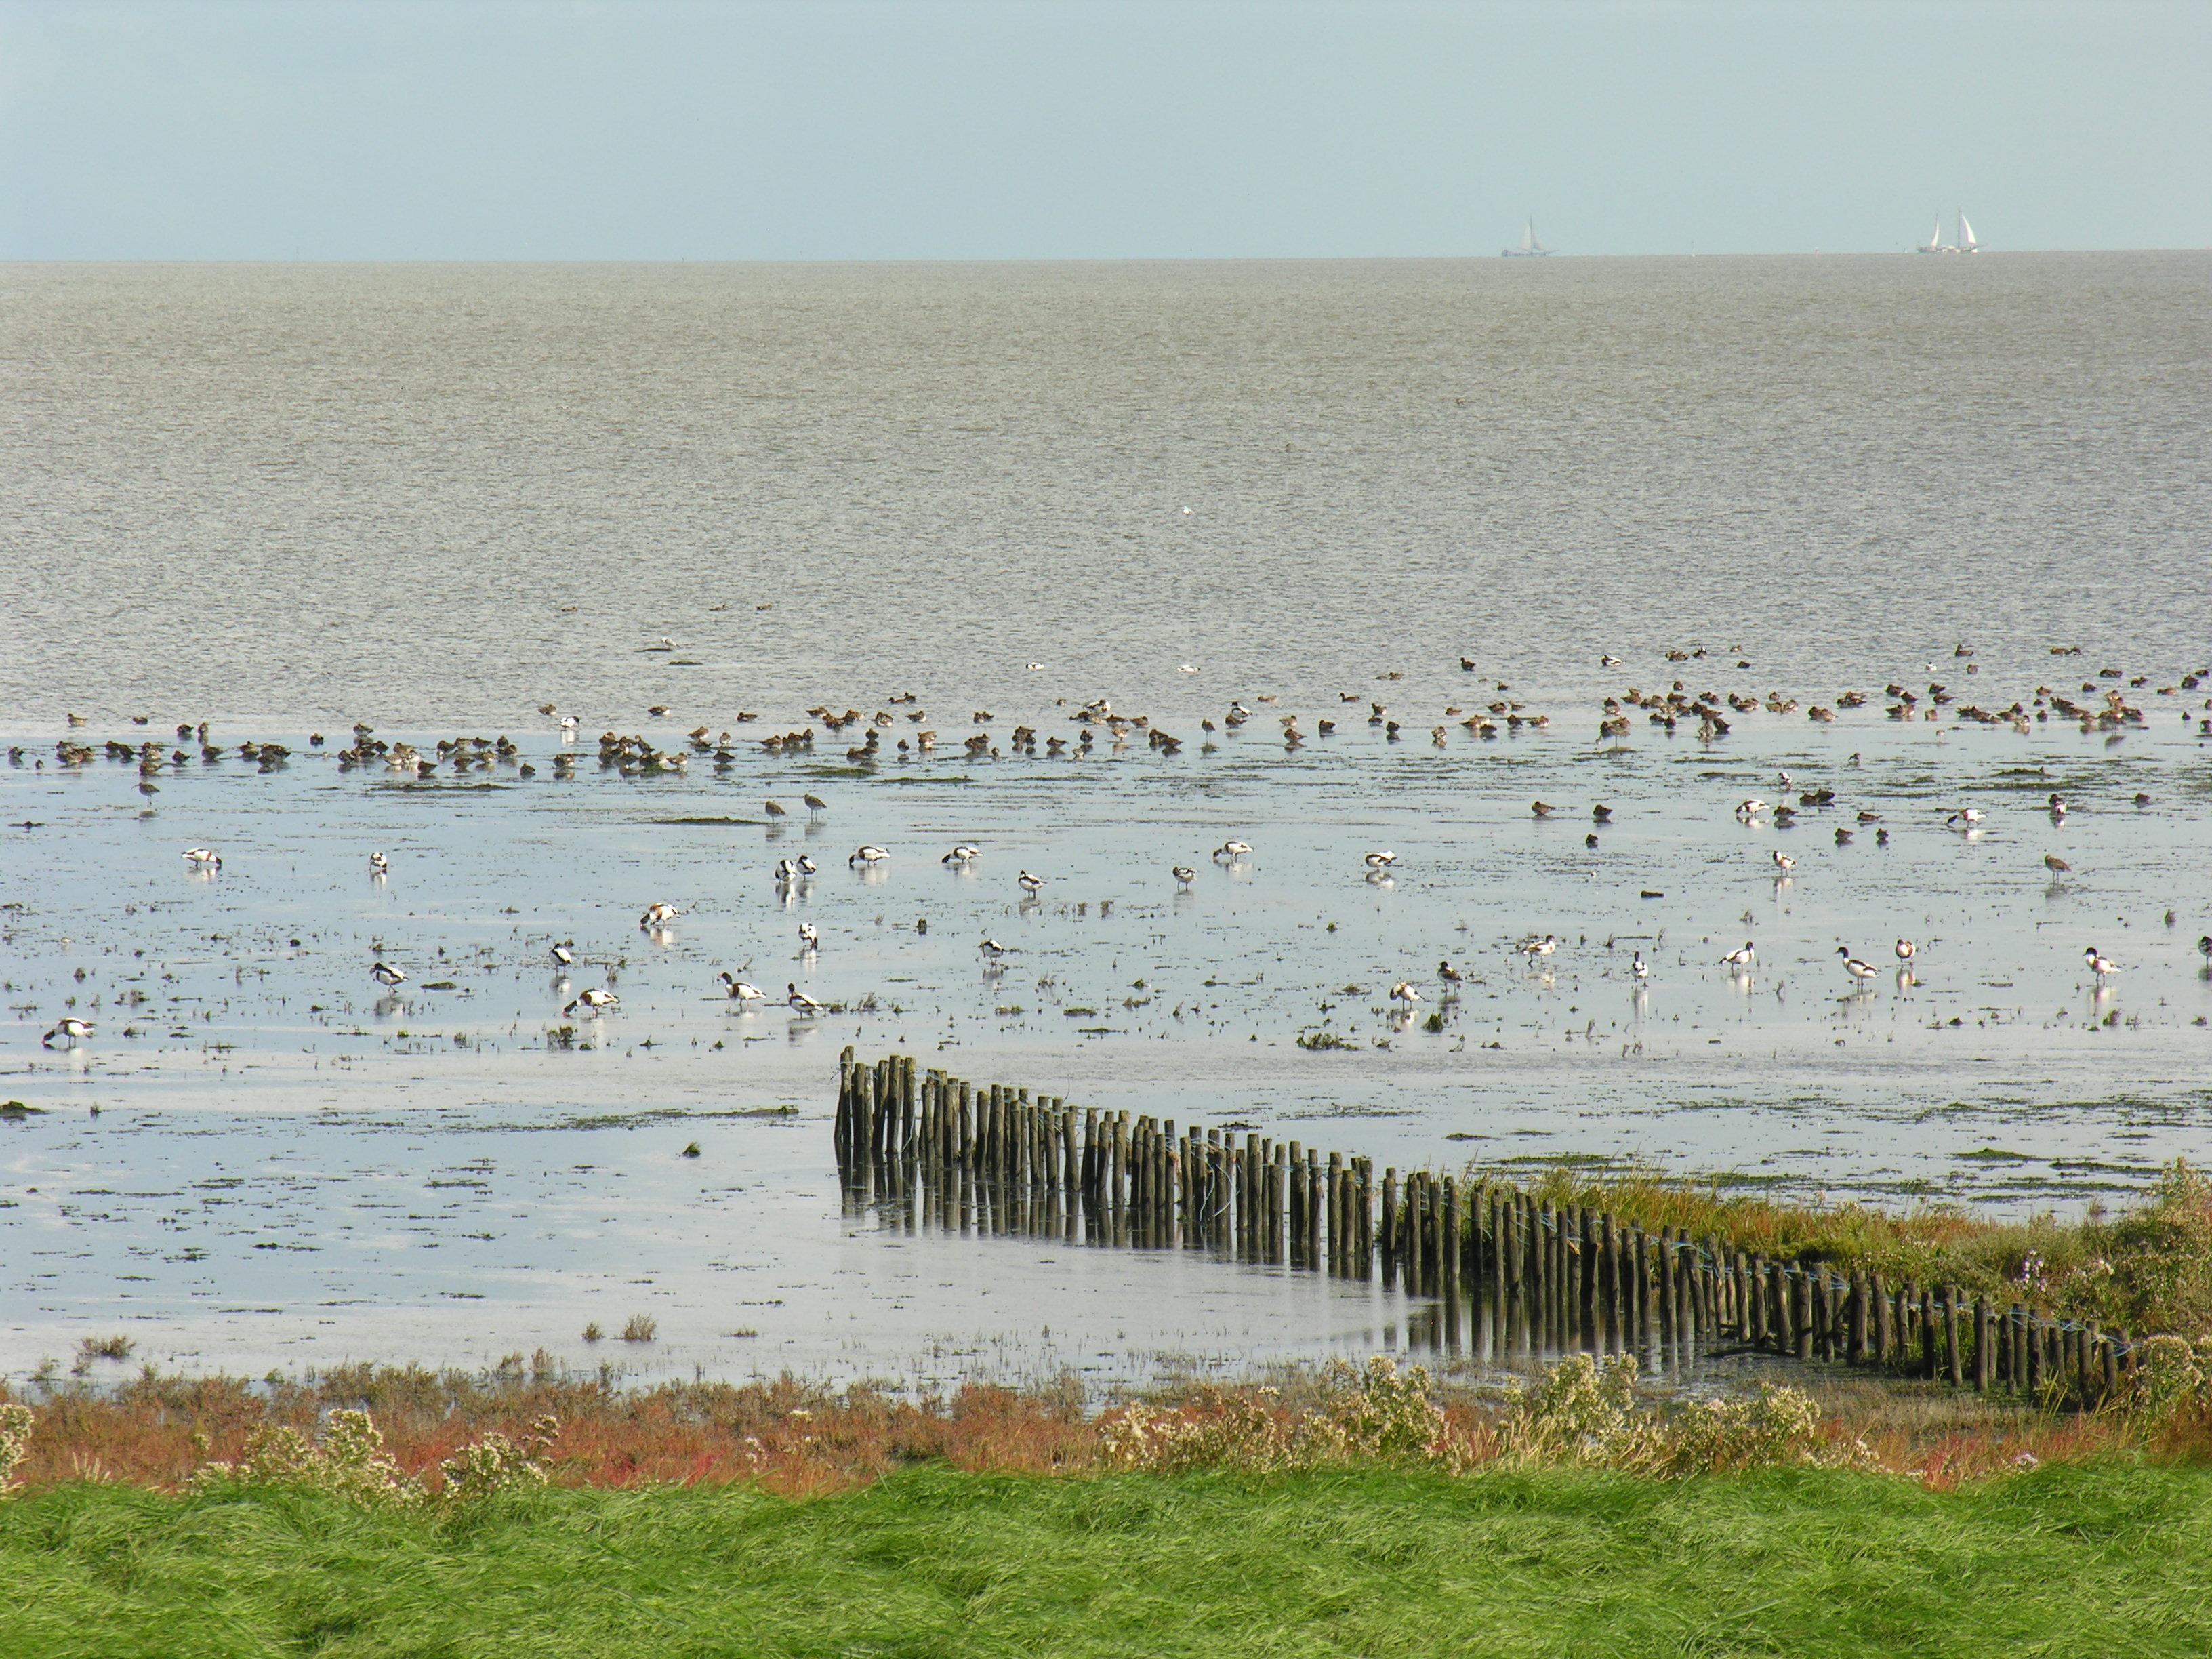 Het Balgzand vormt een ideale broedplaats voor diverse vogels. (Foto: Jan Zijp)